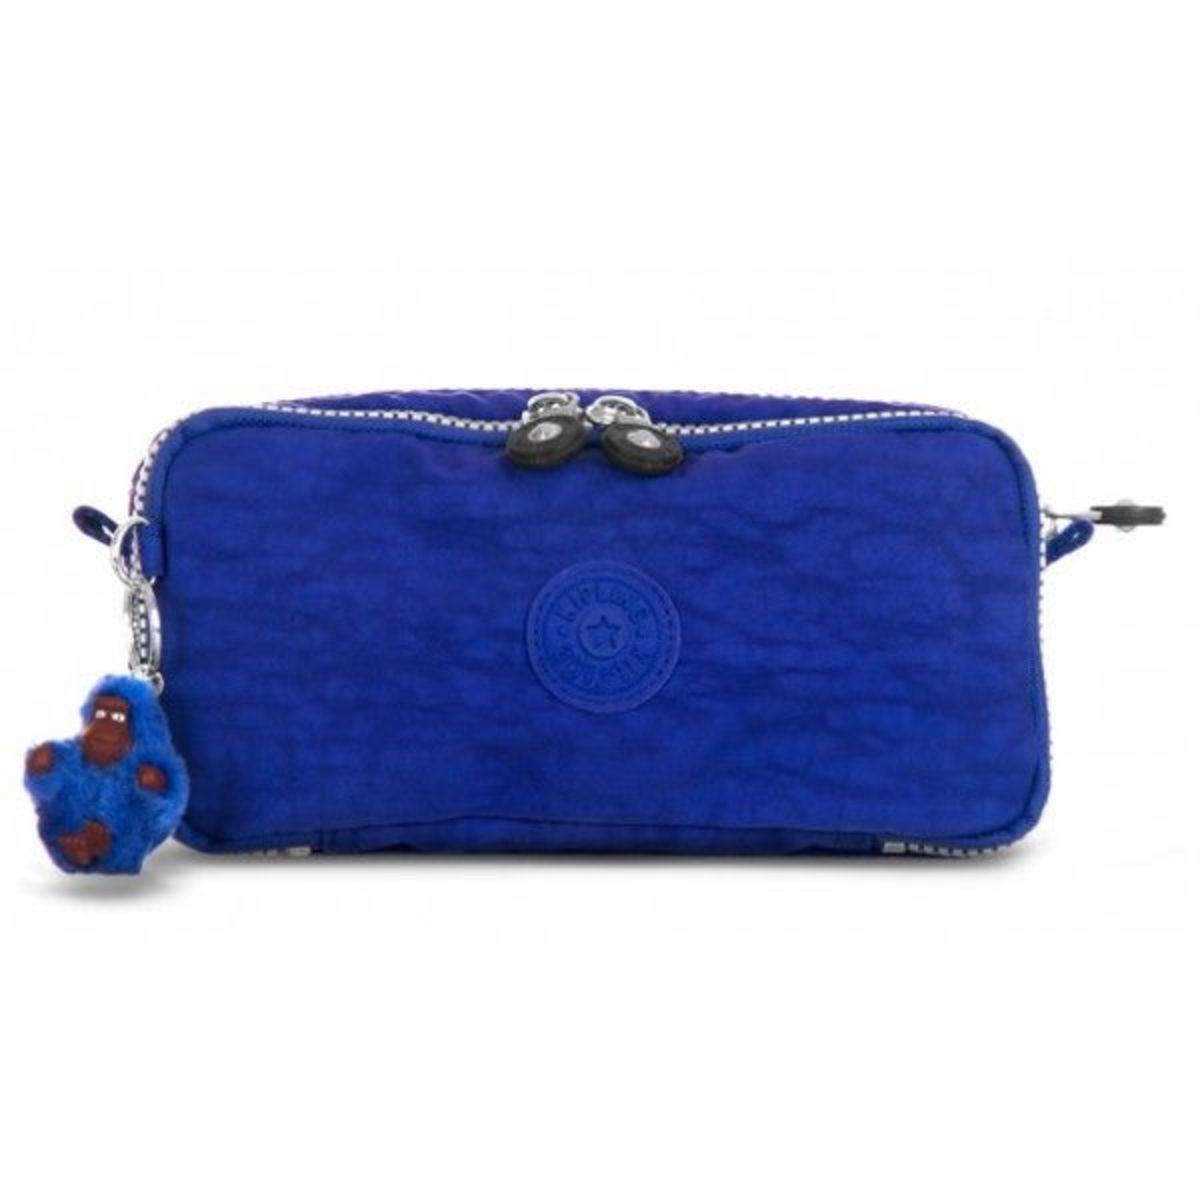 03a0bbc79 estojo azul da kipling   Purses and tote bags i like em 2019   Bags ...